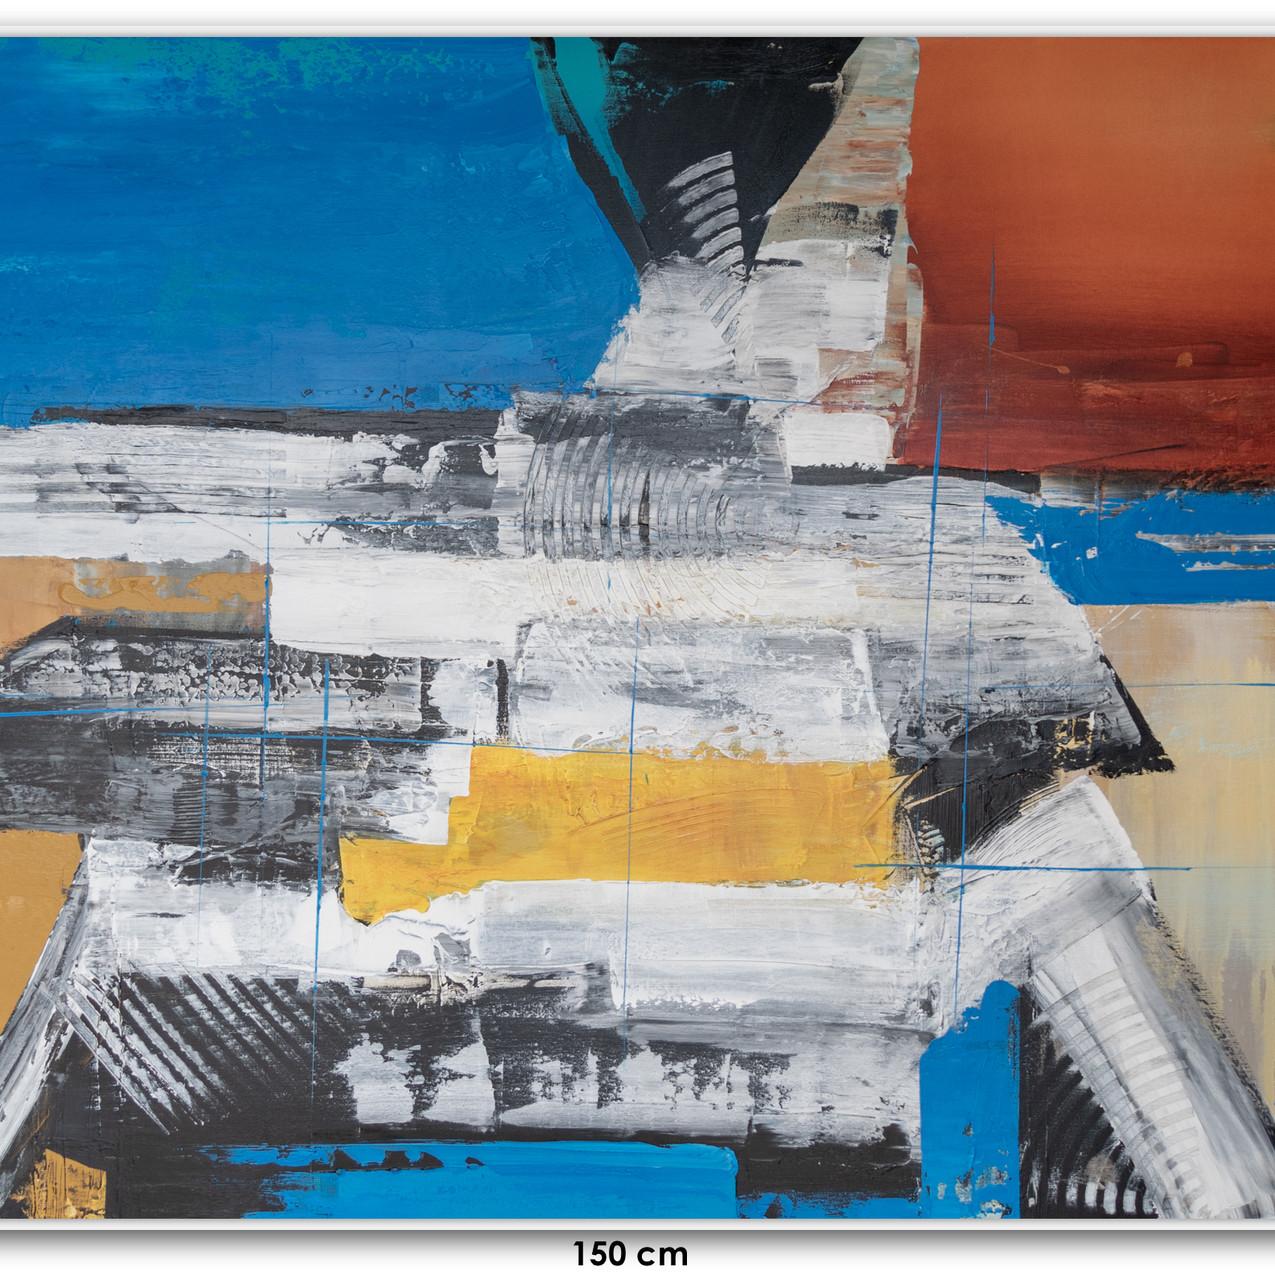 Pintura Abstrata Em Tela 150 cm X 100 cm (2)